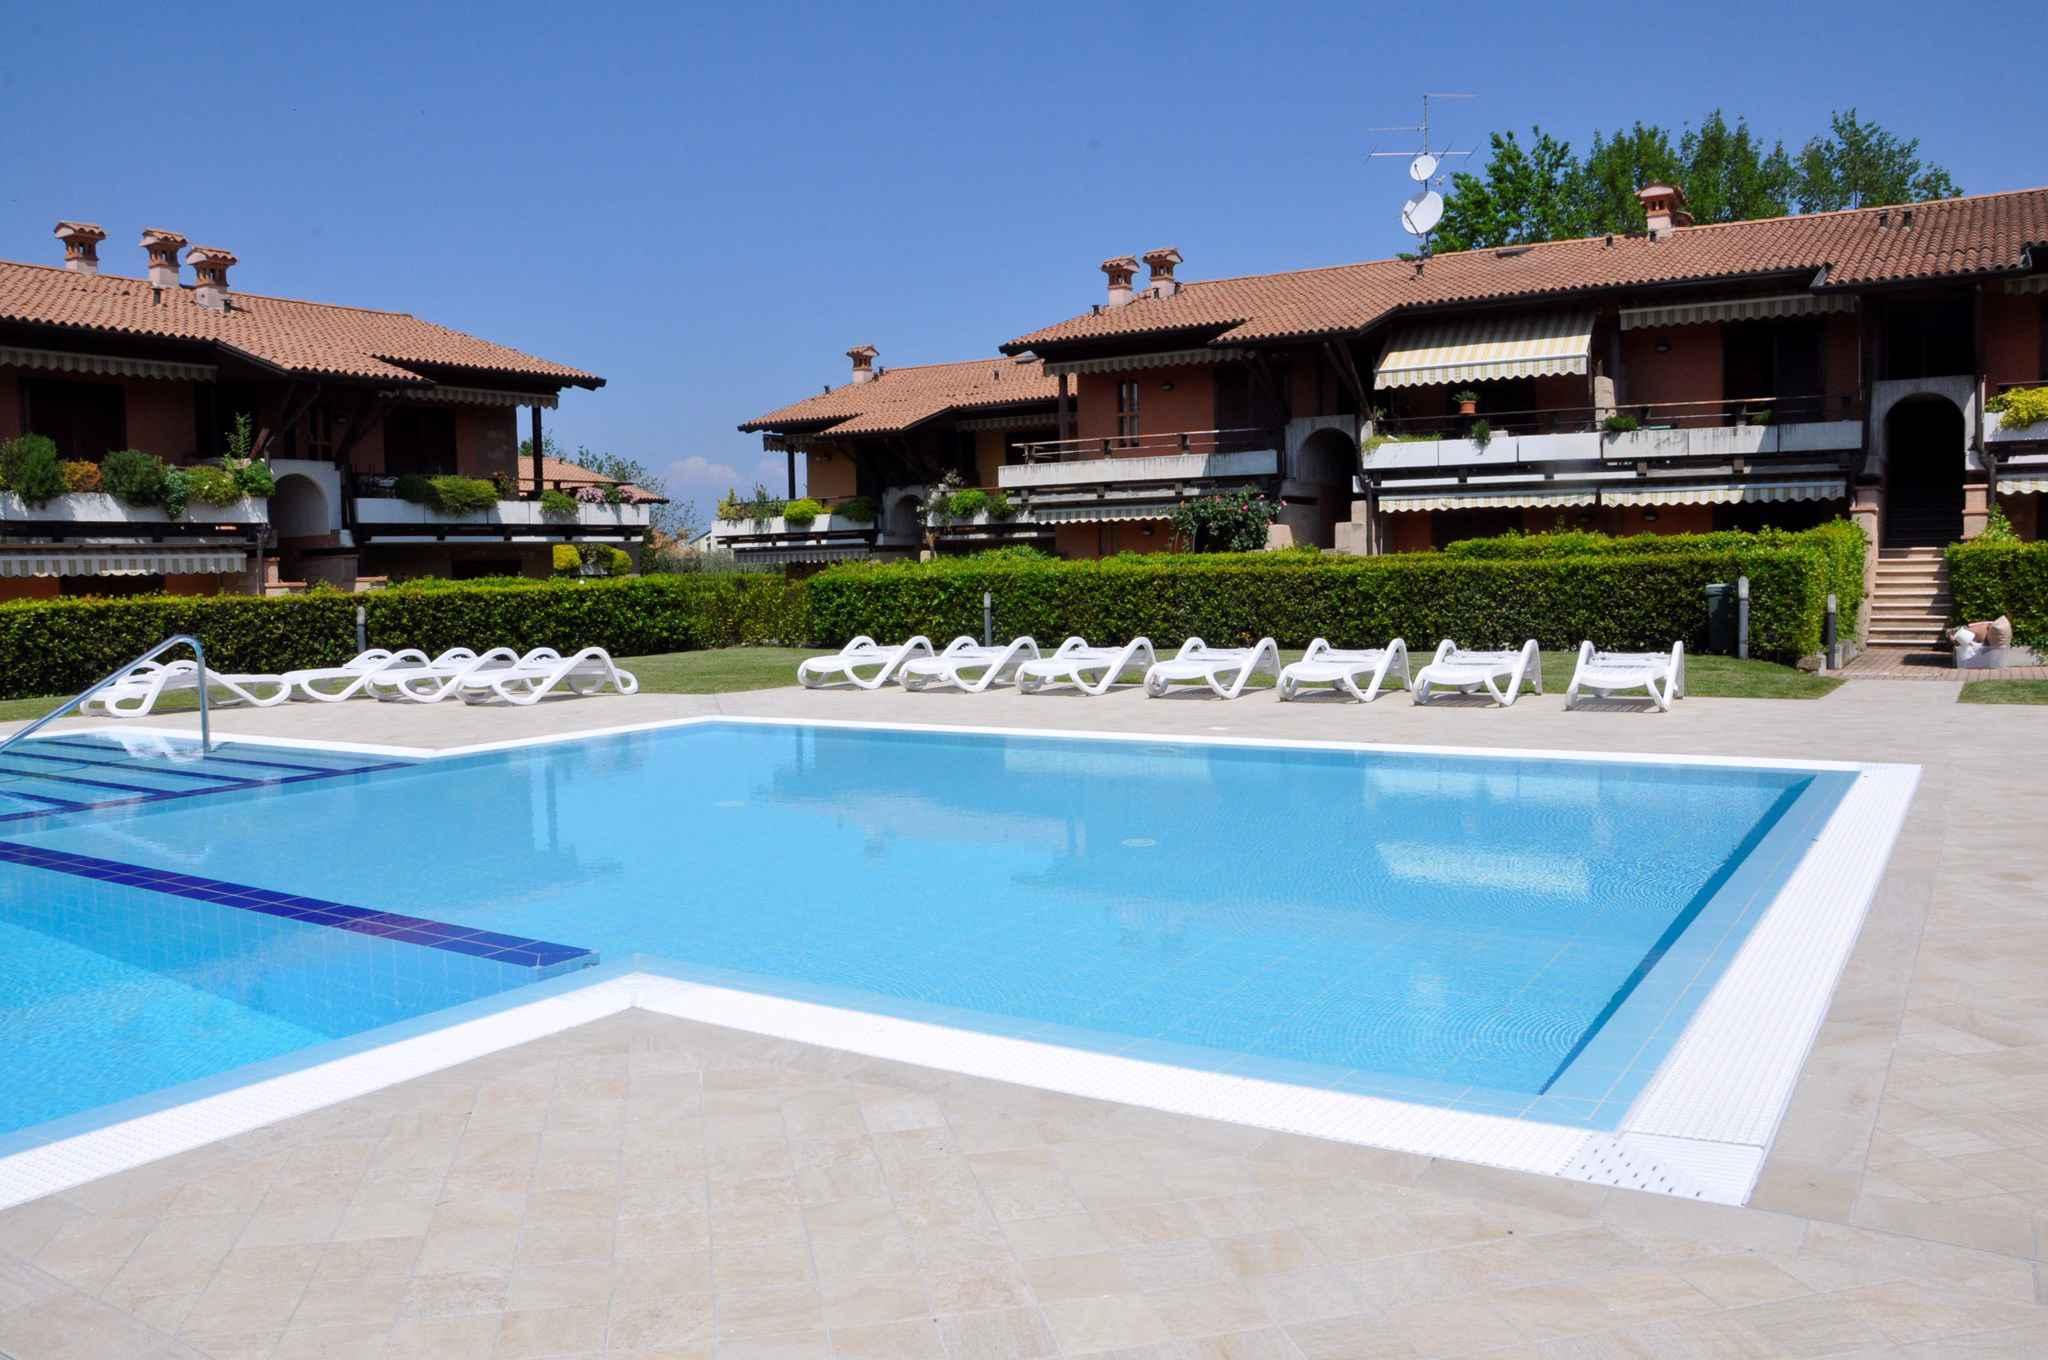 Ferienwohnung con piscina (377442), Lazise, Gardasee, Venetien, Italien, Bild 8